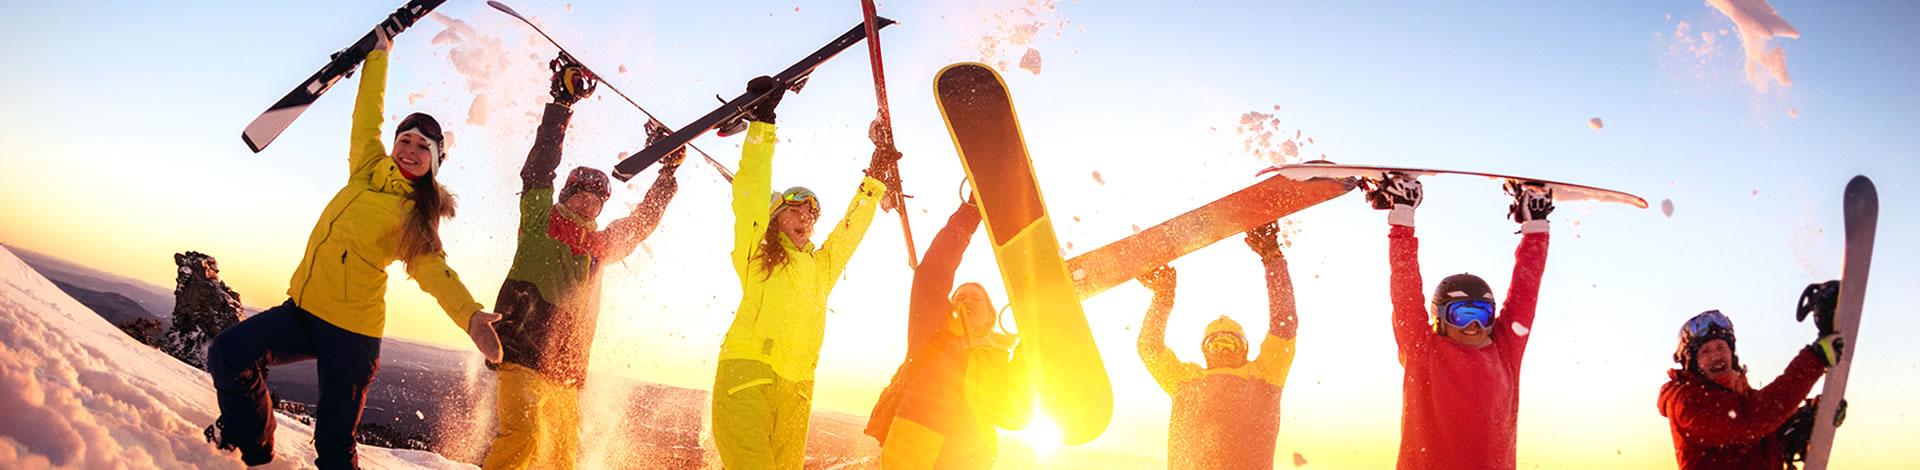 Skis huren of kopen